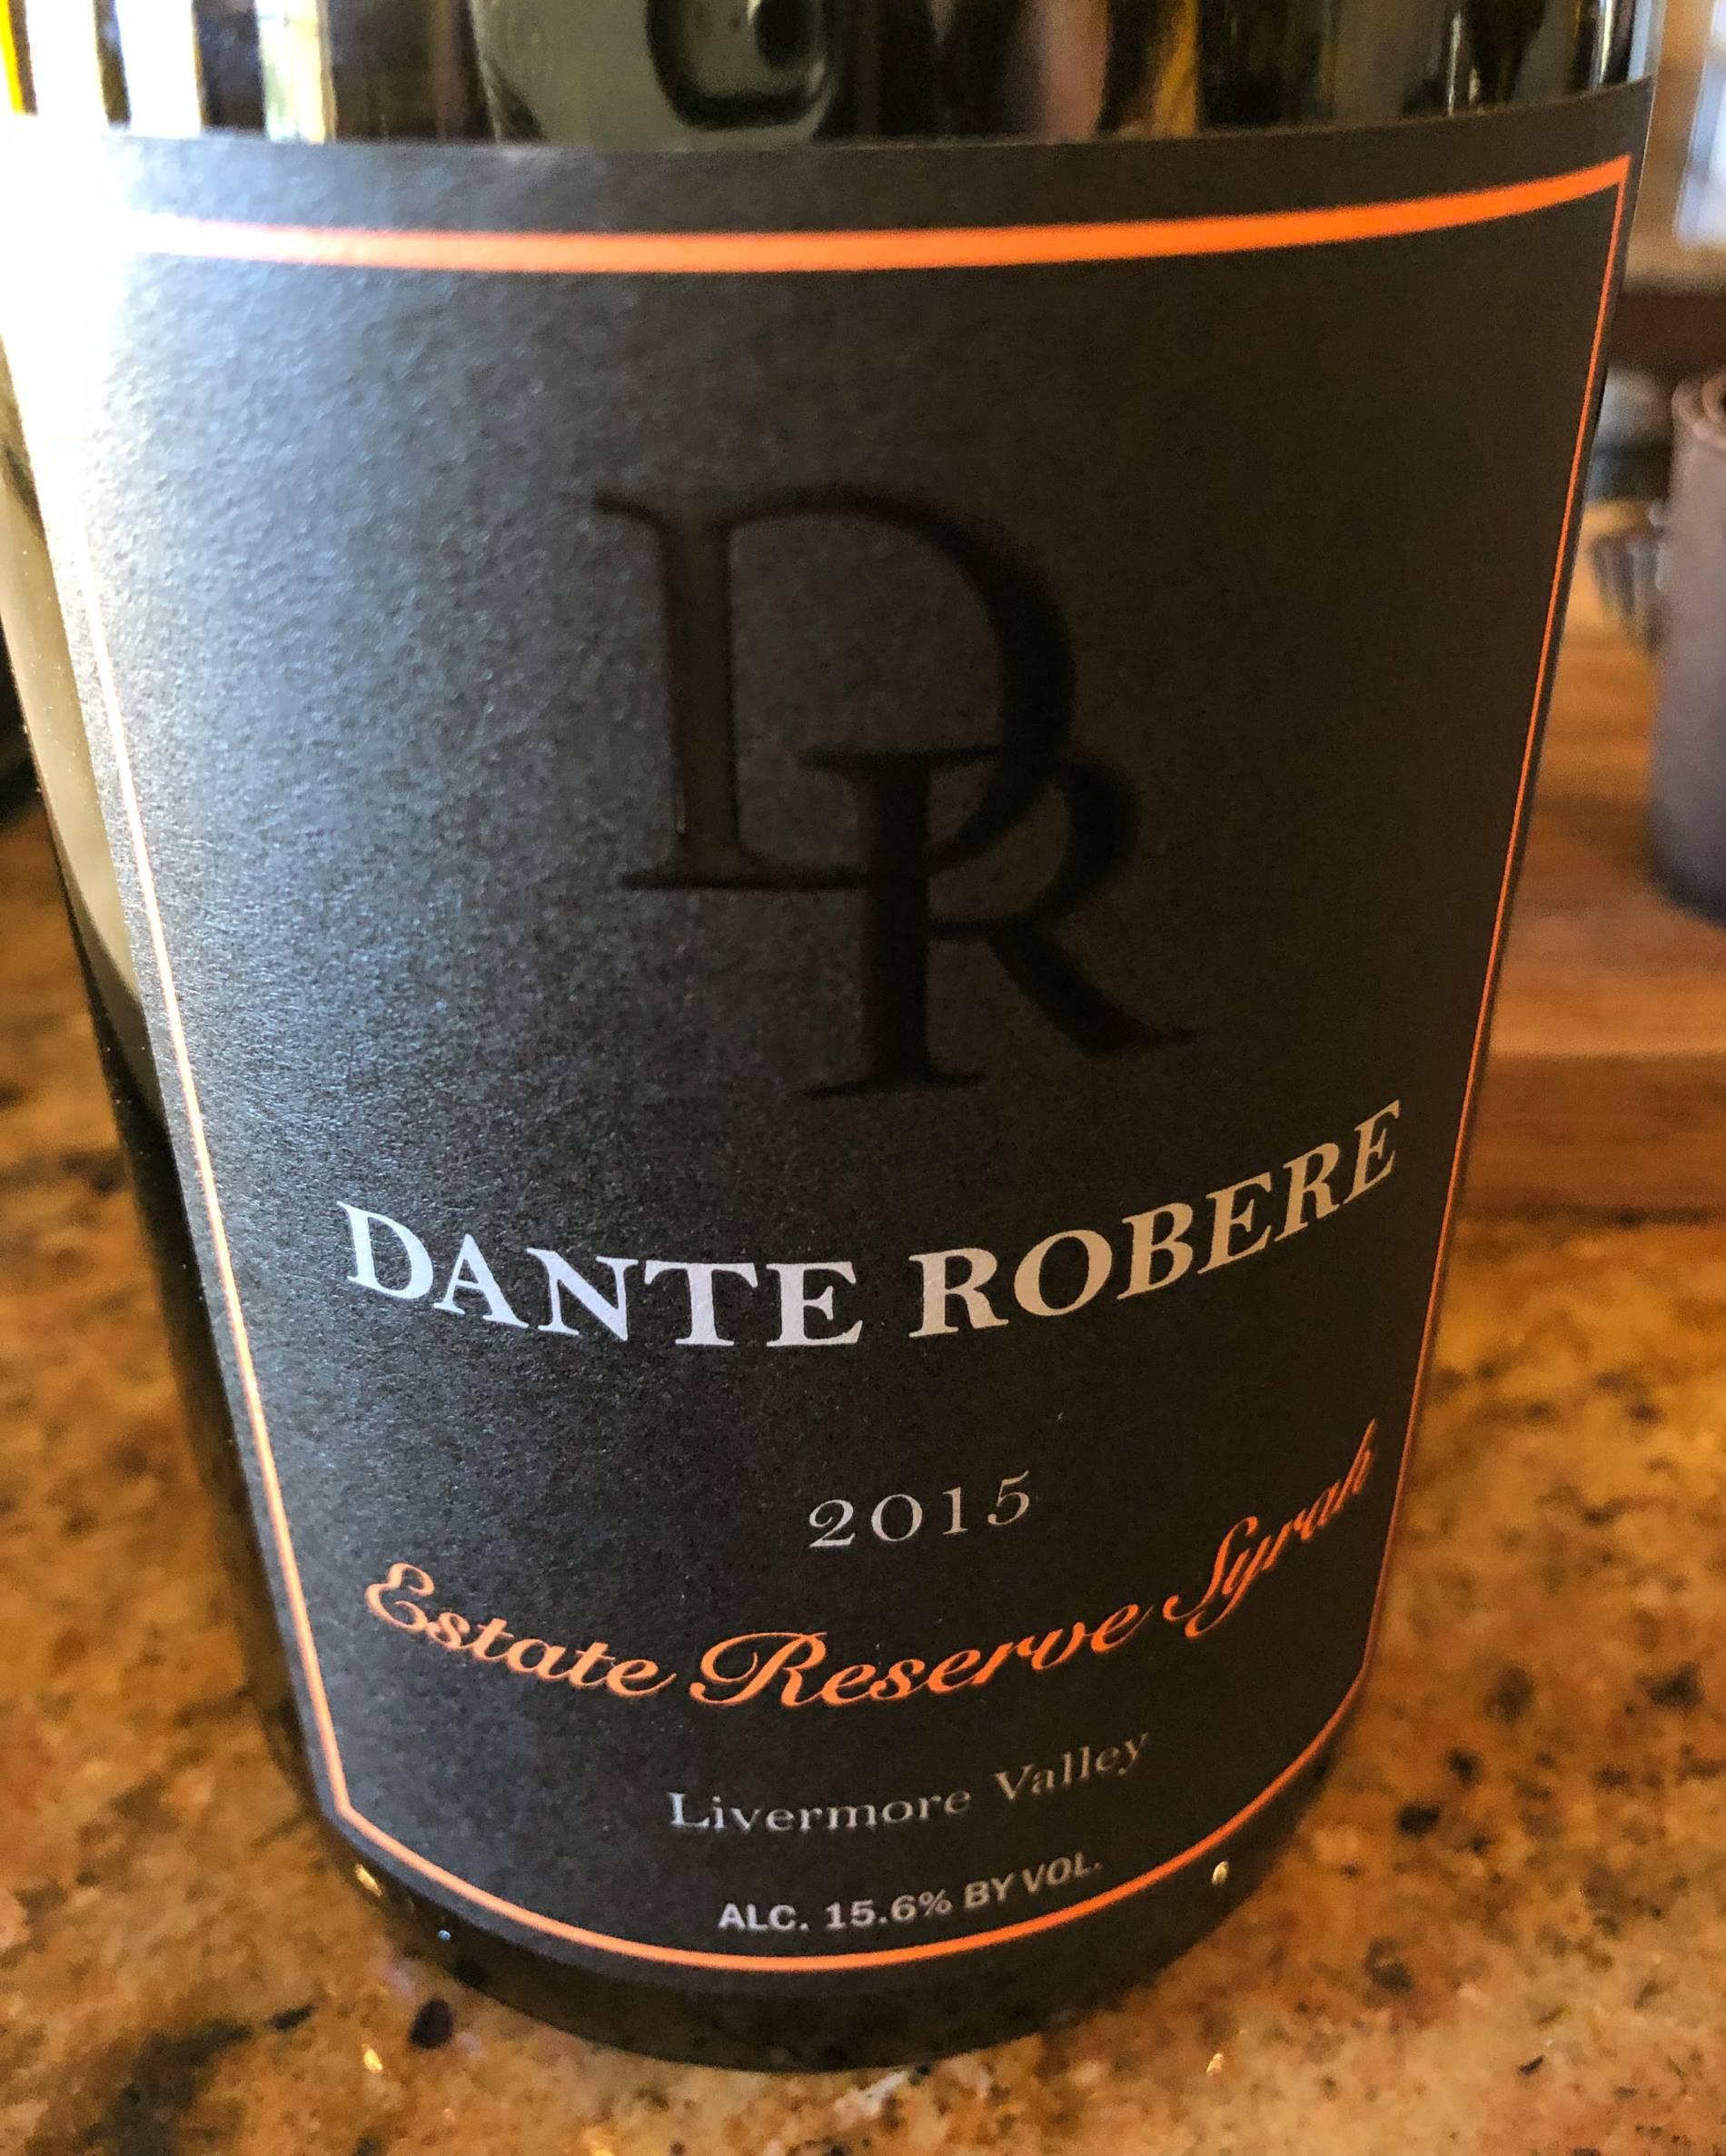 Dante Robere